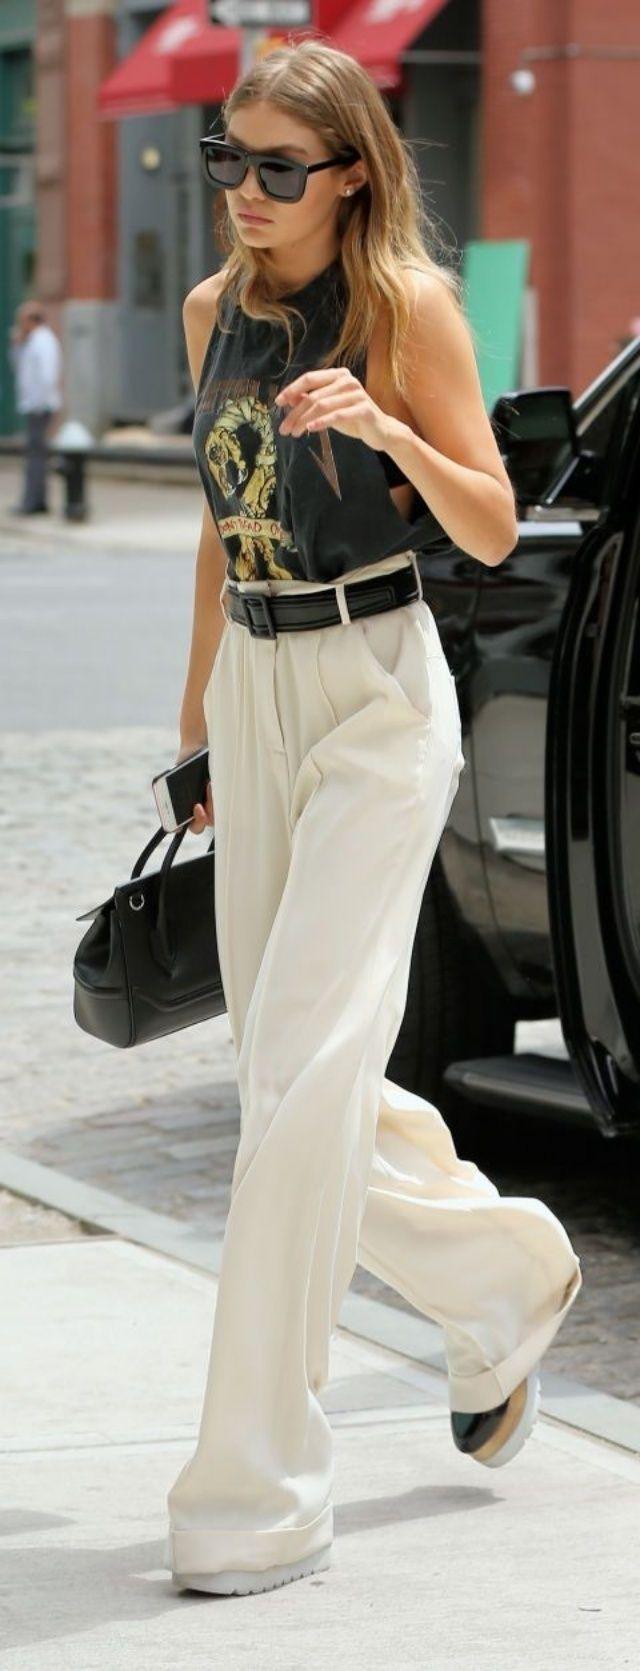 很多人都以為「古著」跟時尚搭不上邊,但其實現在歐美名人私下都喜歡穿復古 Tee 或背心。在家裡或許能夠找到哥哥姊姊早期買的歐美樂團 Tee,可以穿的寬寬大大,也可以塞進褲子裡。如果覺得不夠有型,可以拿去修改成